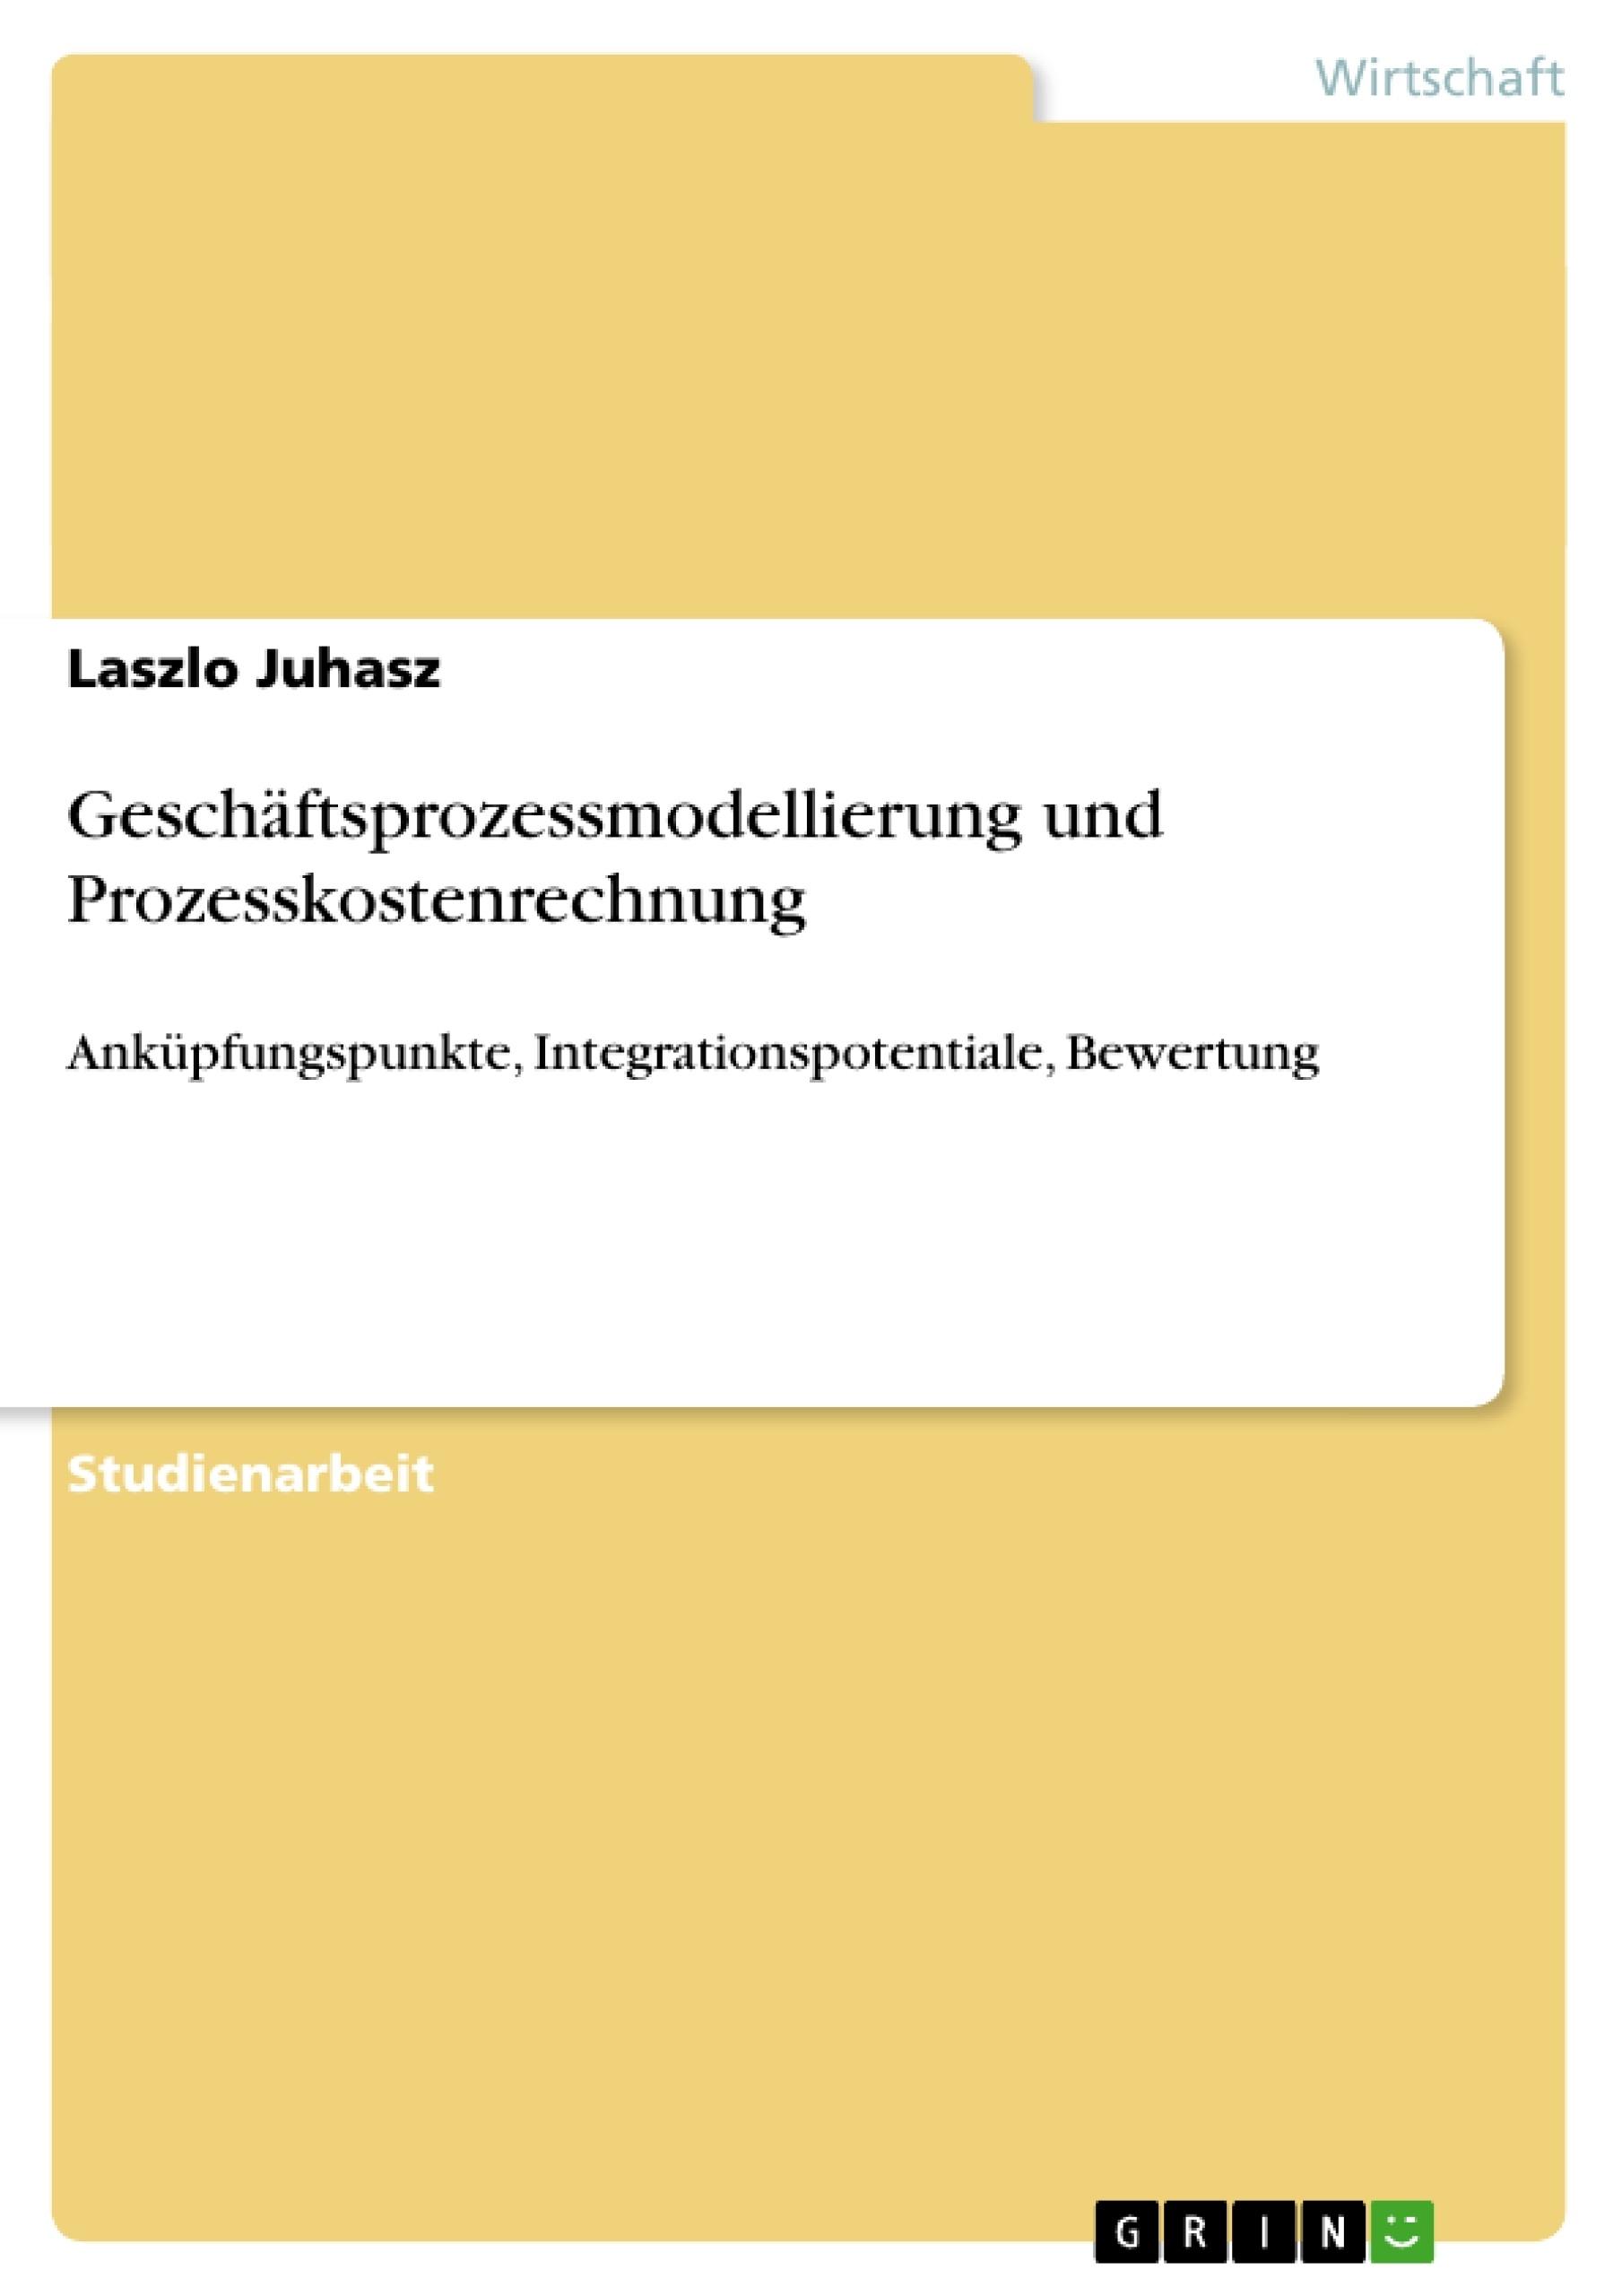 Titel: Geschäftsprozessmodellierung und Prozesskostenrechnung